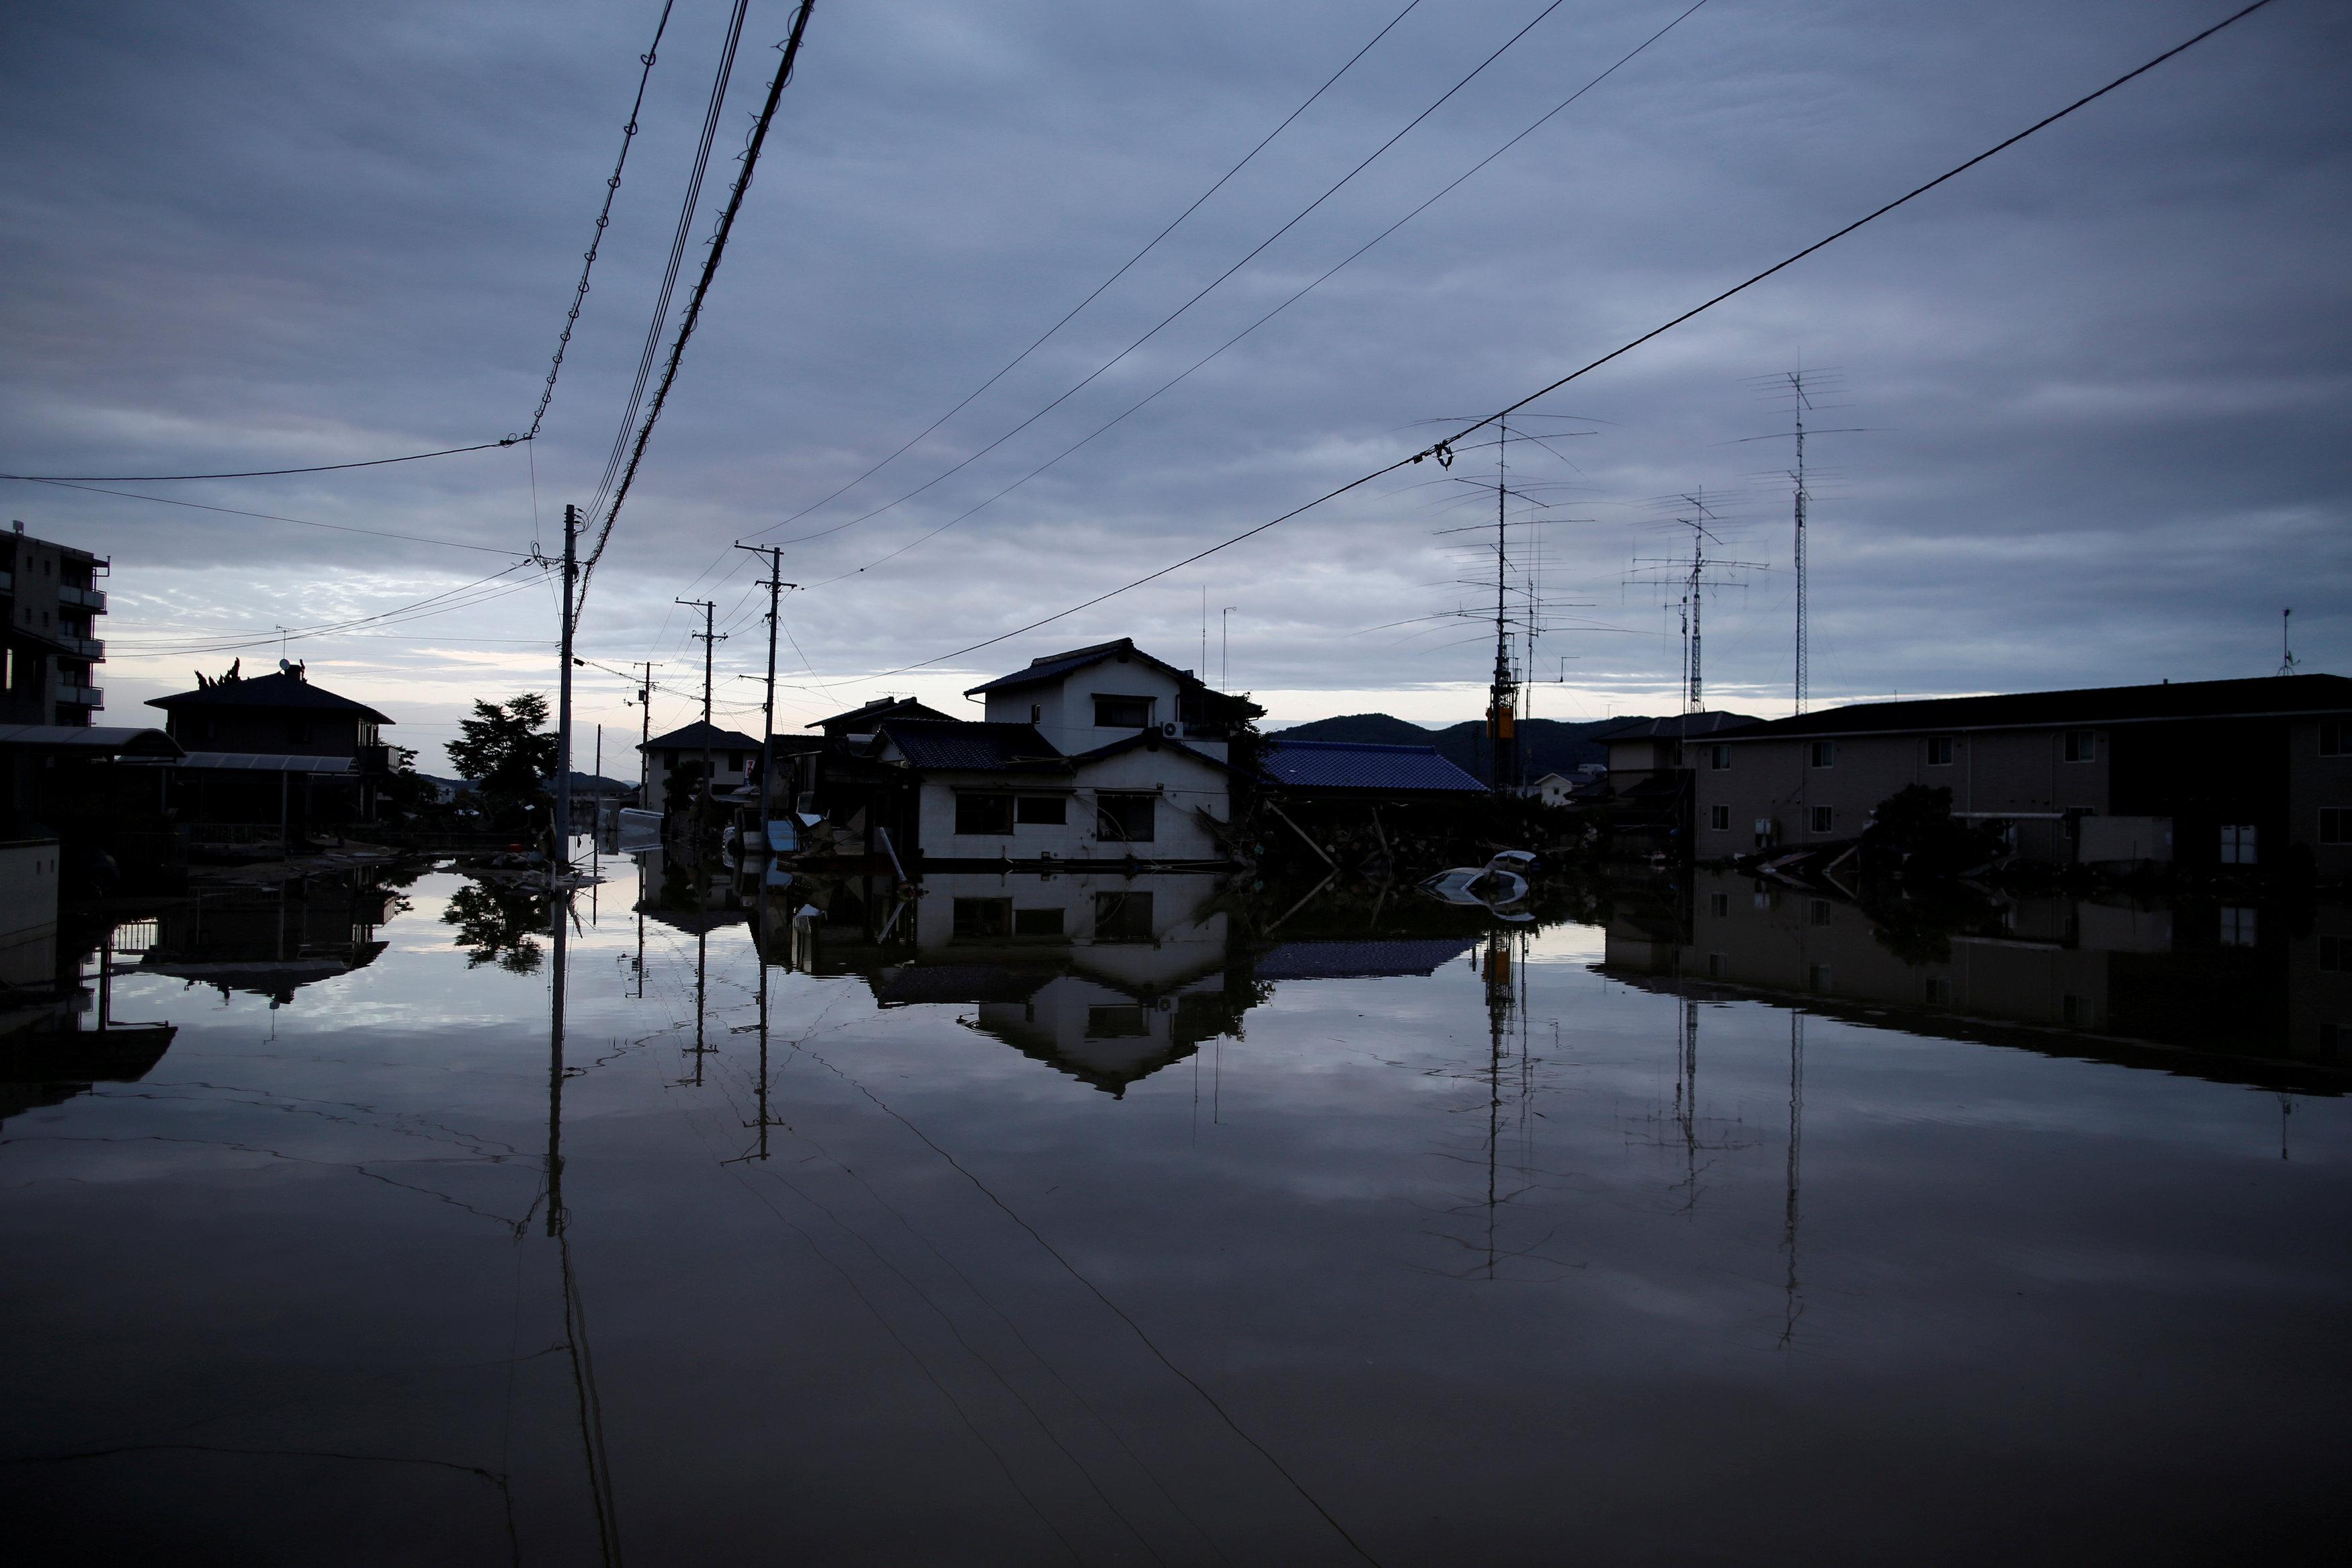 El fenómeno meteorológico es de los más devastadores que se recuerdan en un país donde las condiciones climáticas extremas son habituales, sobre todo en la época estival de lluvias y tifones